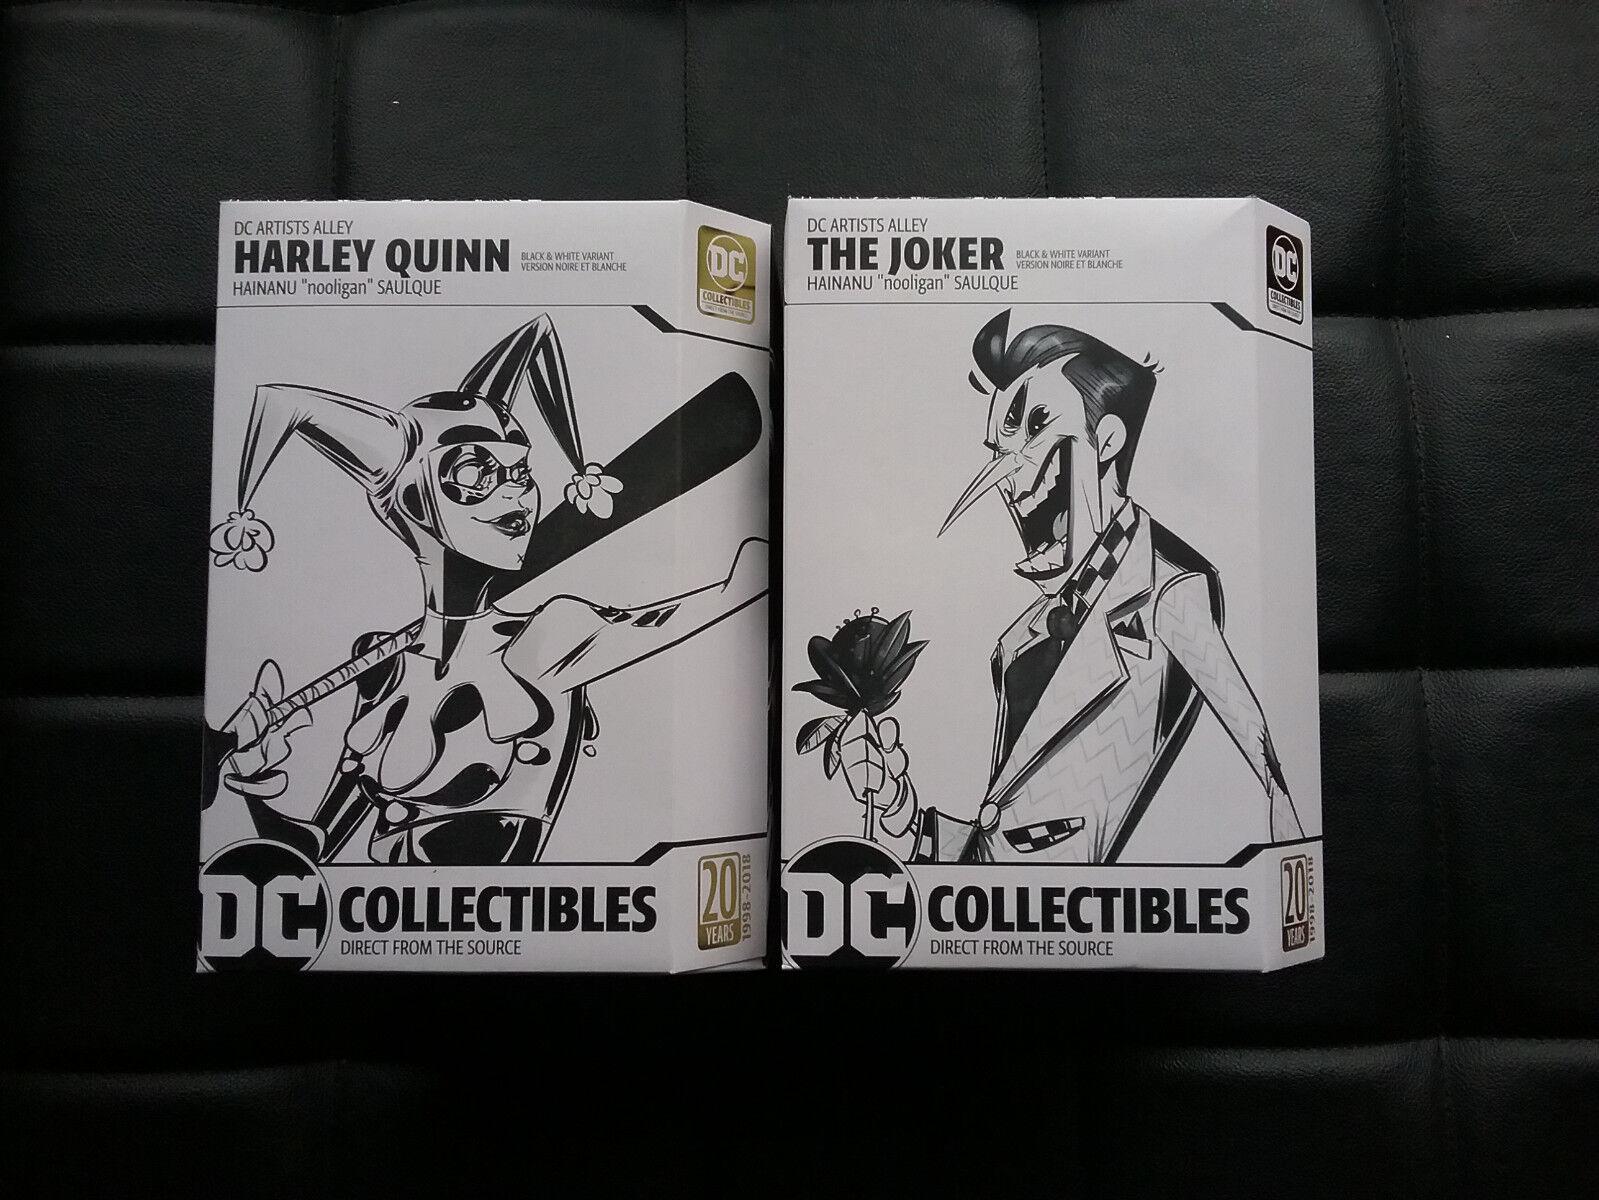 DC artista callejón Harley Quinn nightwing joker blancoo y Negro  nooligan  Conjunto de 3